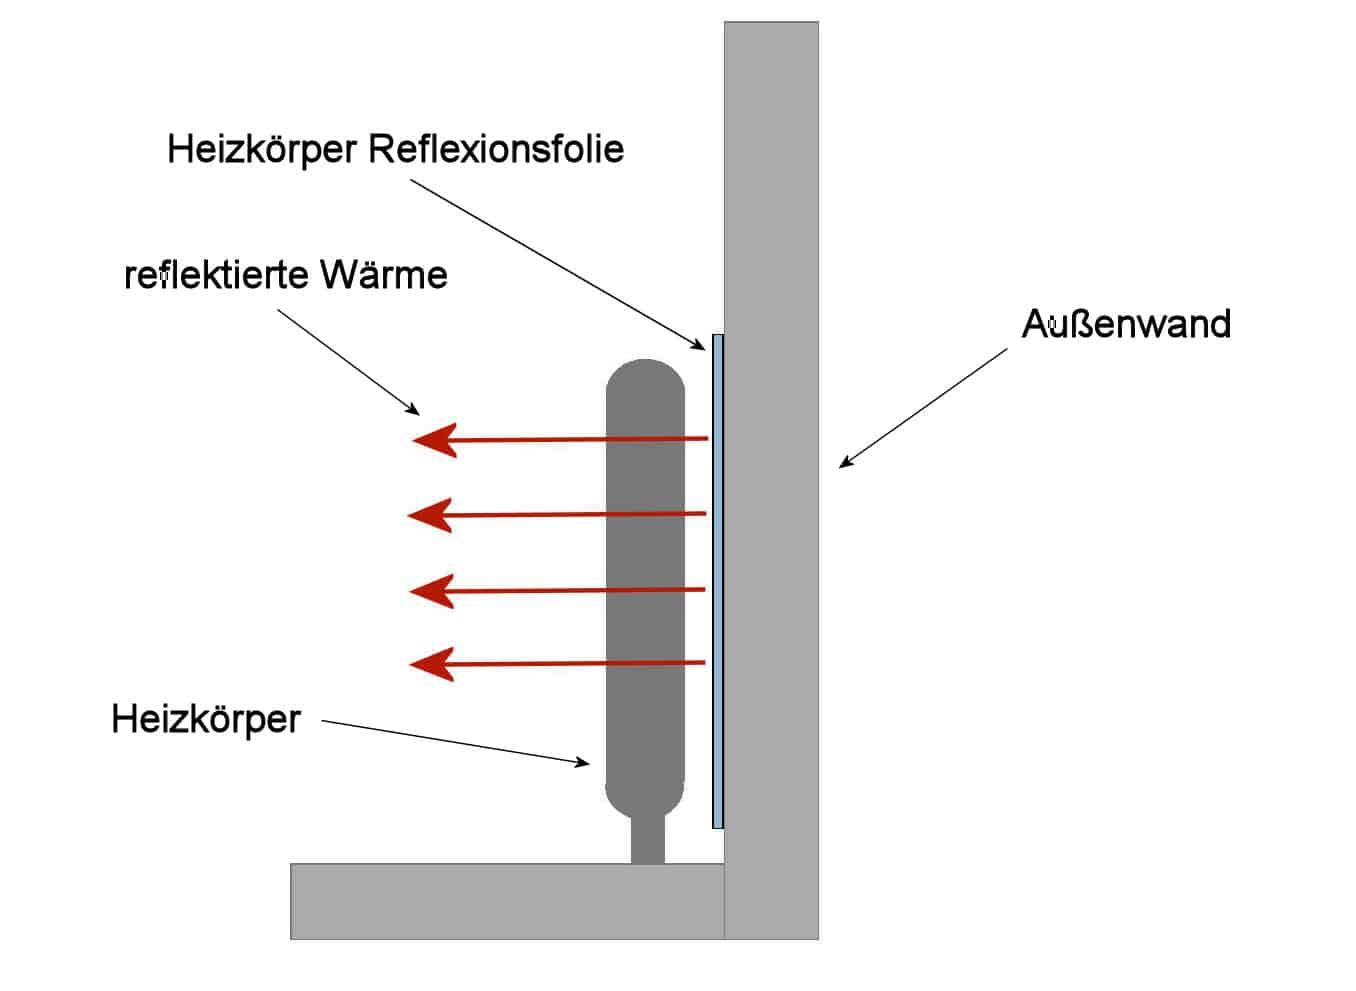 Heizkörperreflexionsfolie Funktionsprinzip